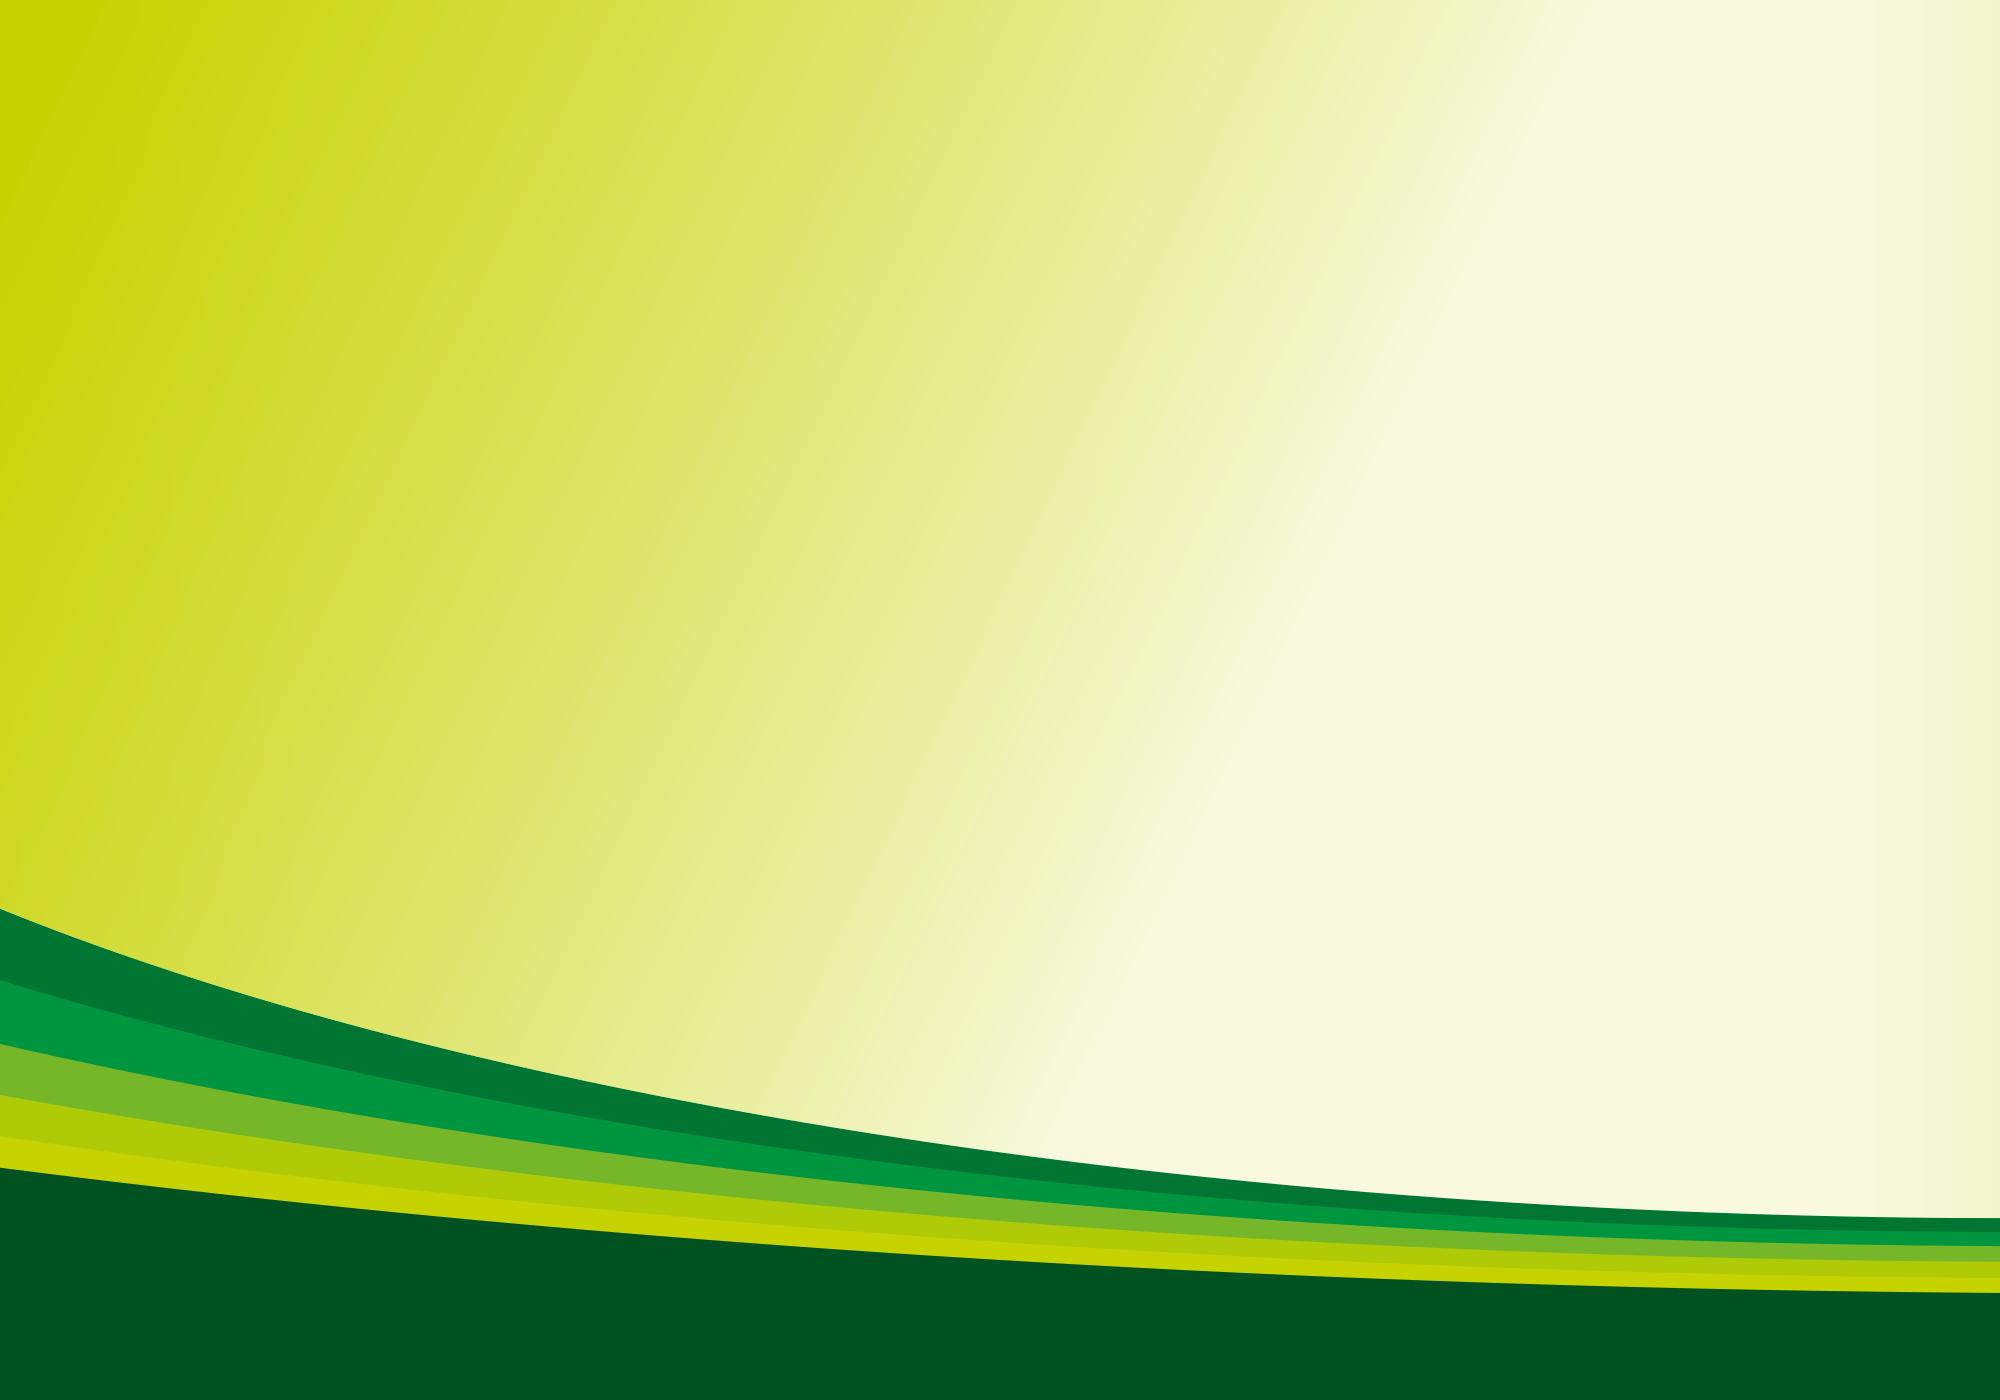 Hintergrund - Mitteldeutsche Umwelt Consulting